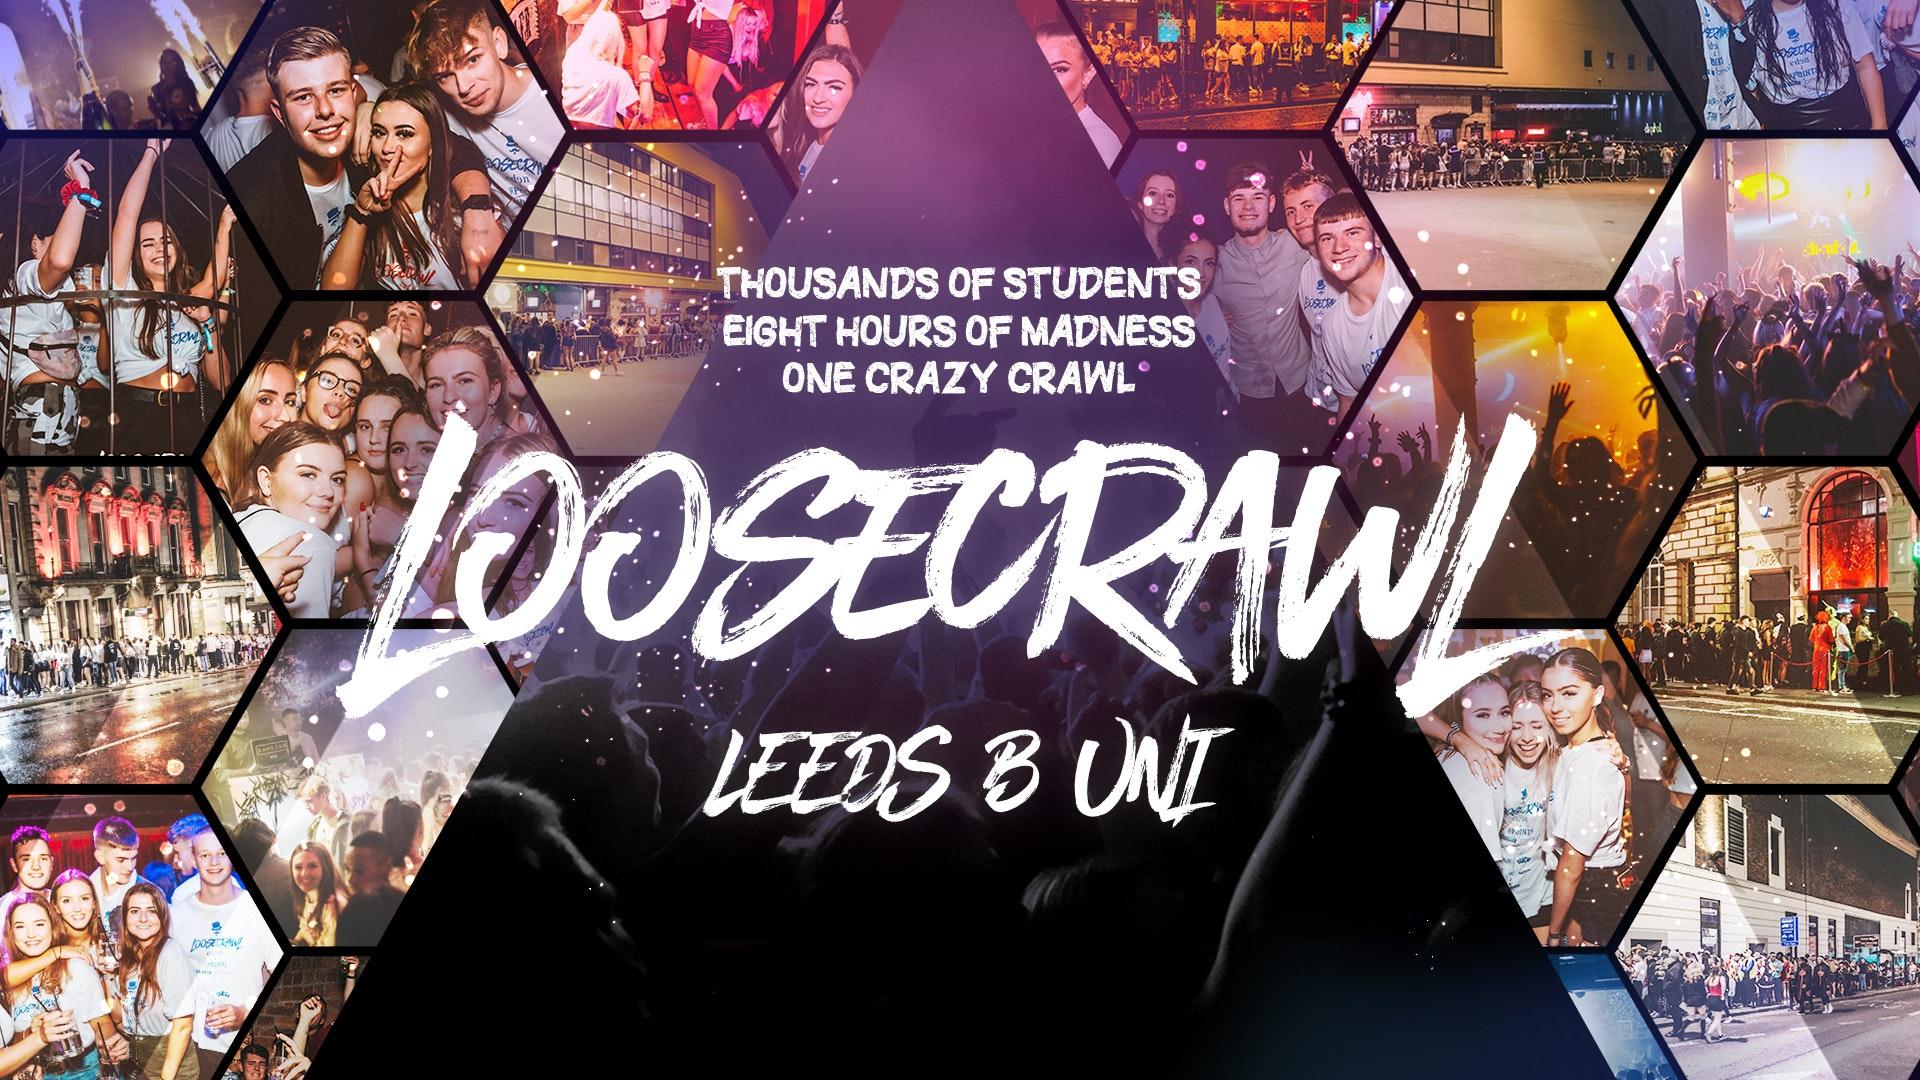 LooseCrawl   Leeds B University Freshers I 2021